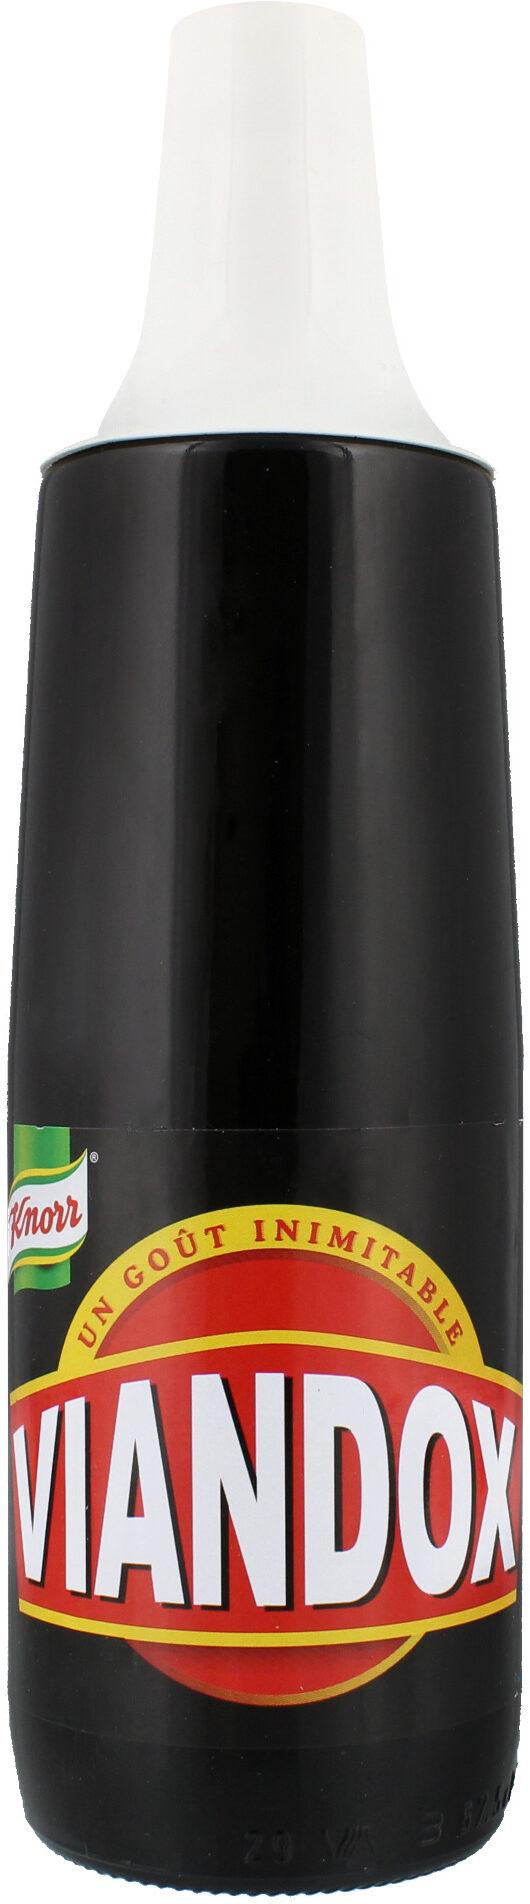 Knorr Viandox Assaisonnement Liquide 665ml - Product - fr